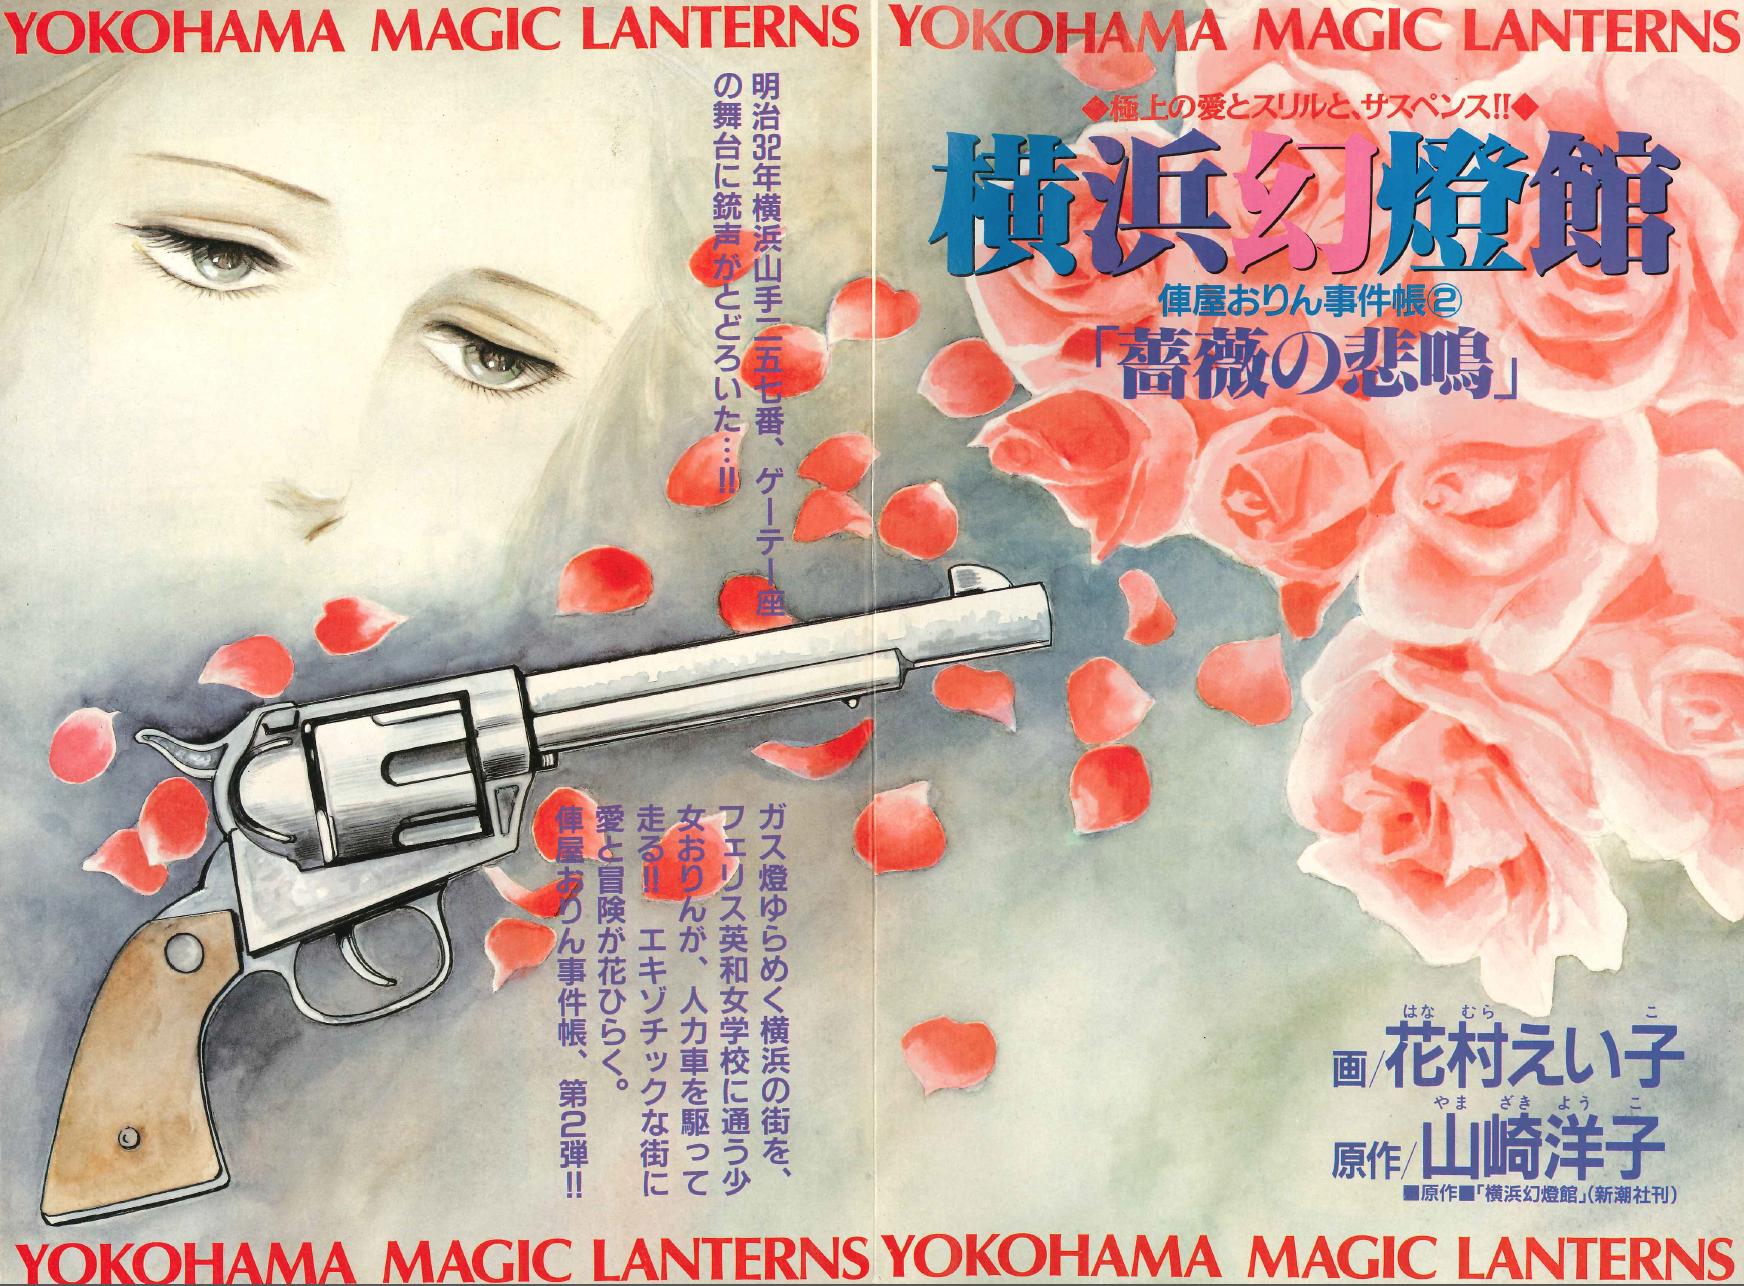 横浜幻燈館 薔薇の悲鳴